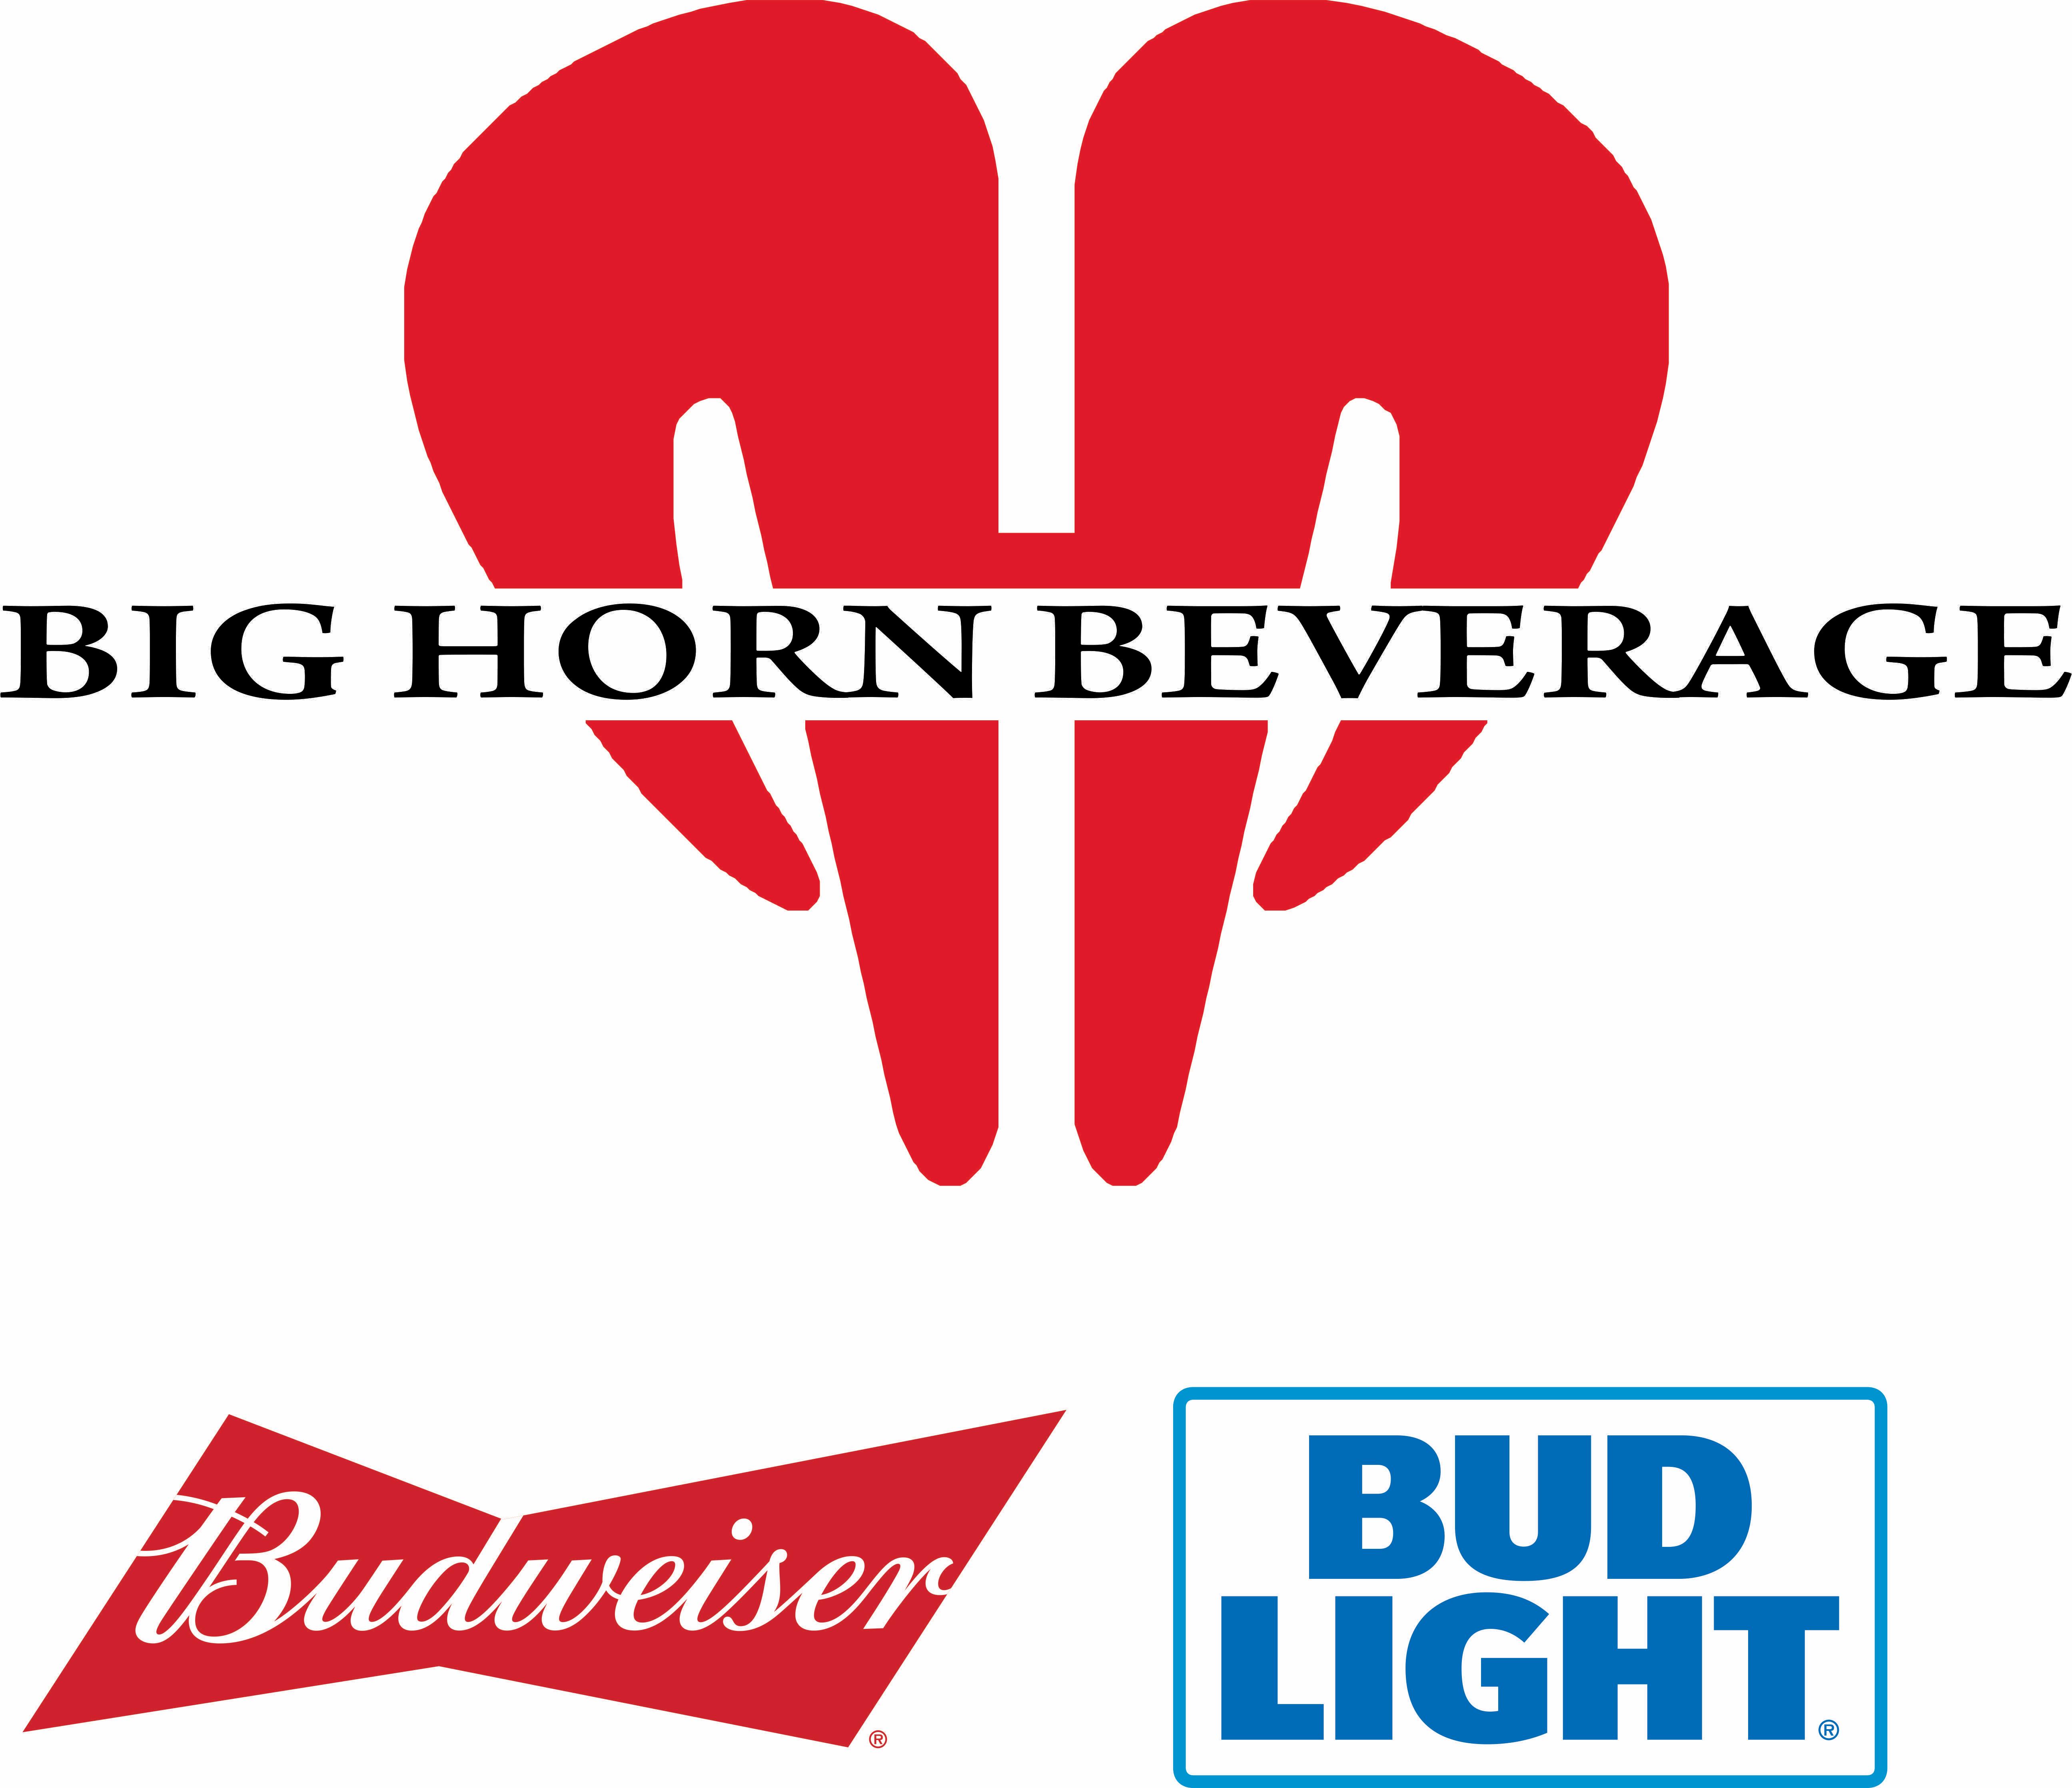 Big Horn Beverage